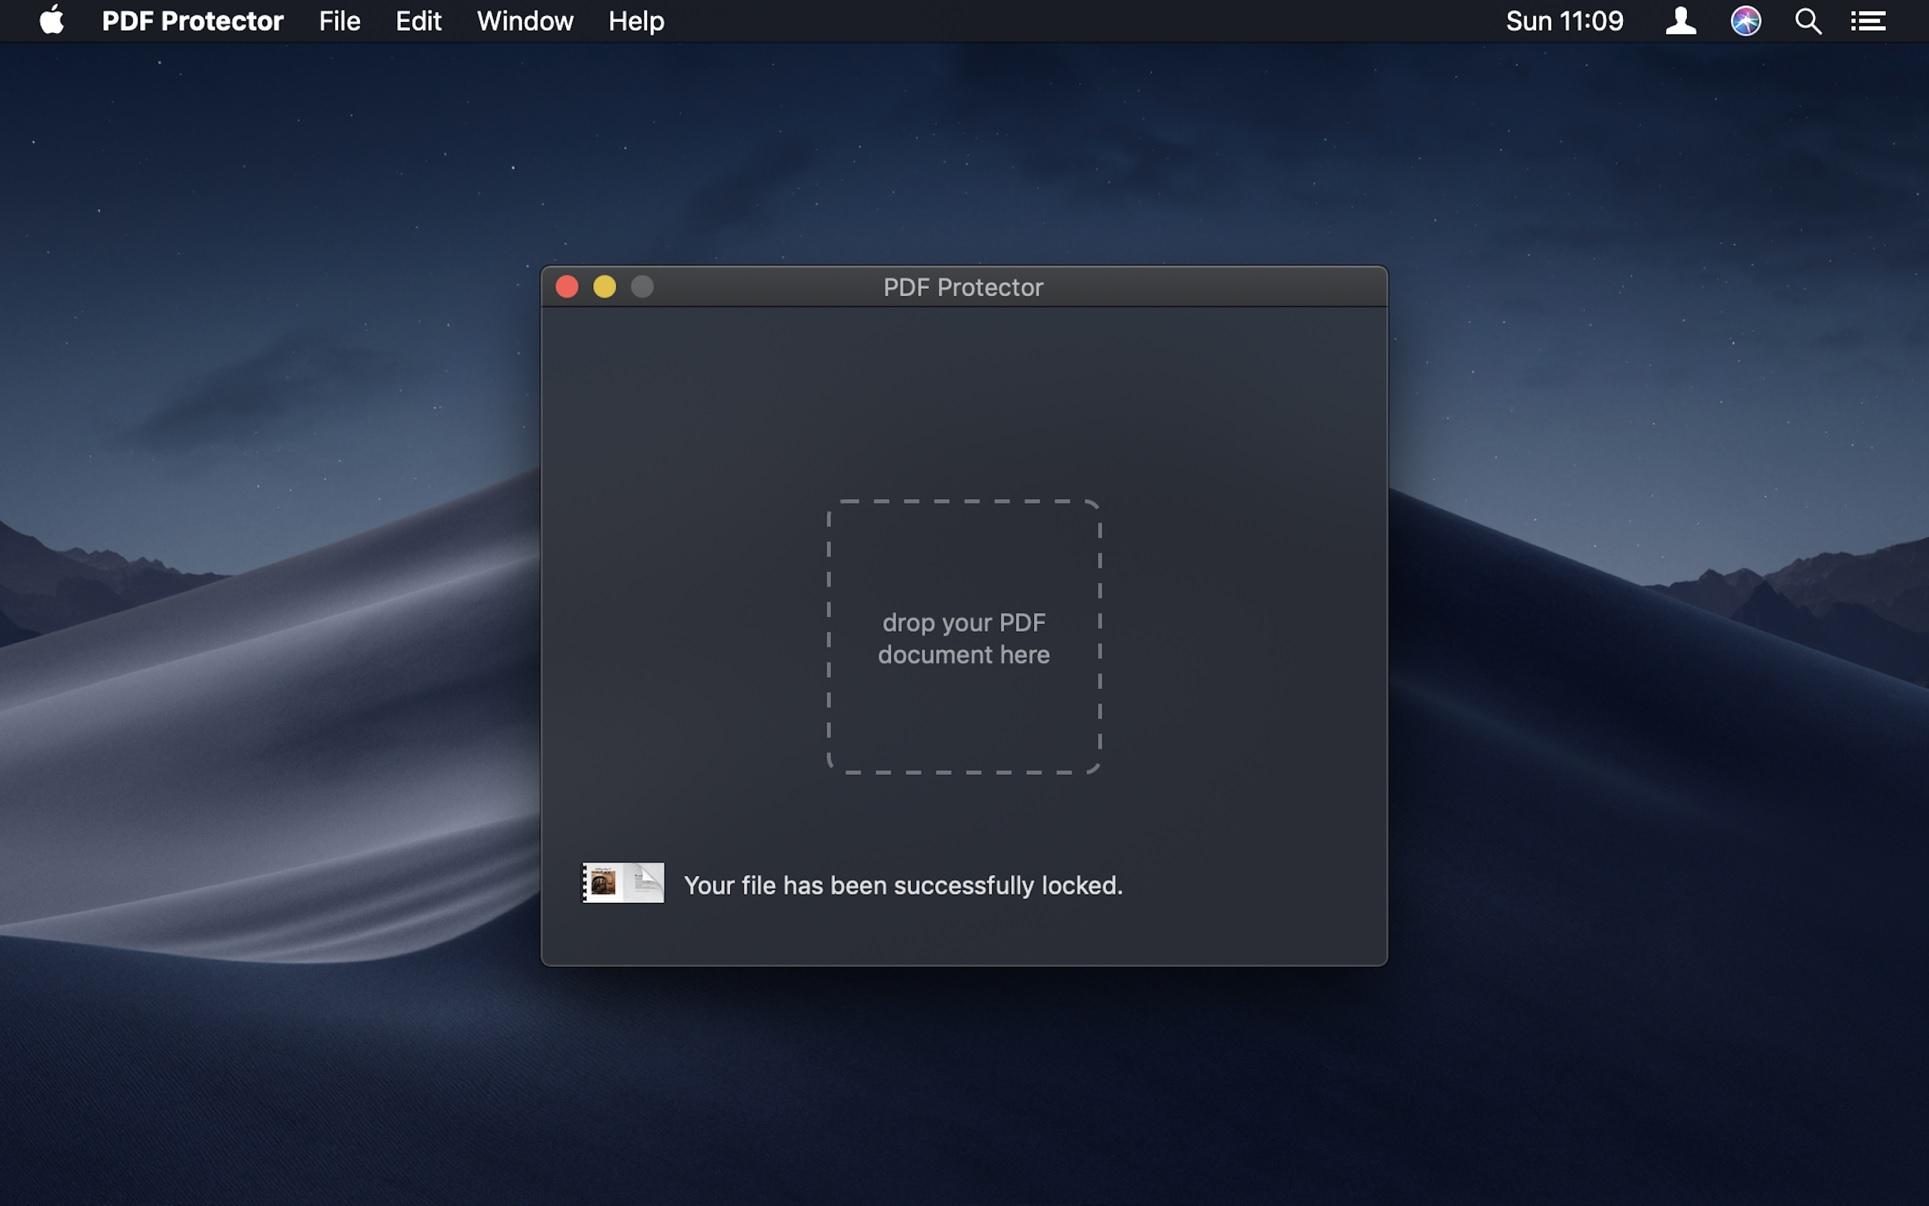 PDF Protector 破解版 for mac 1.4.1 内置激活版—PDF文件加密/解密软件